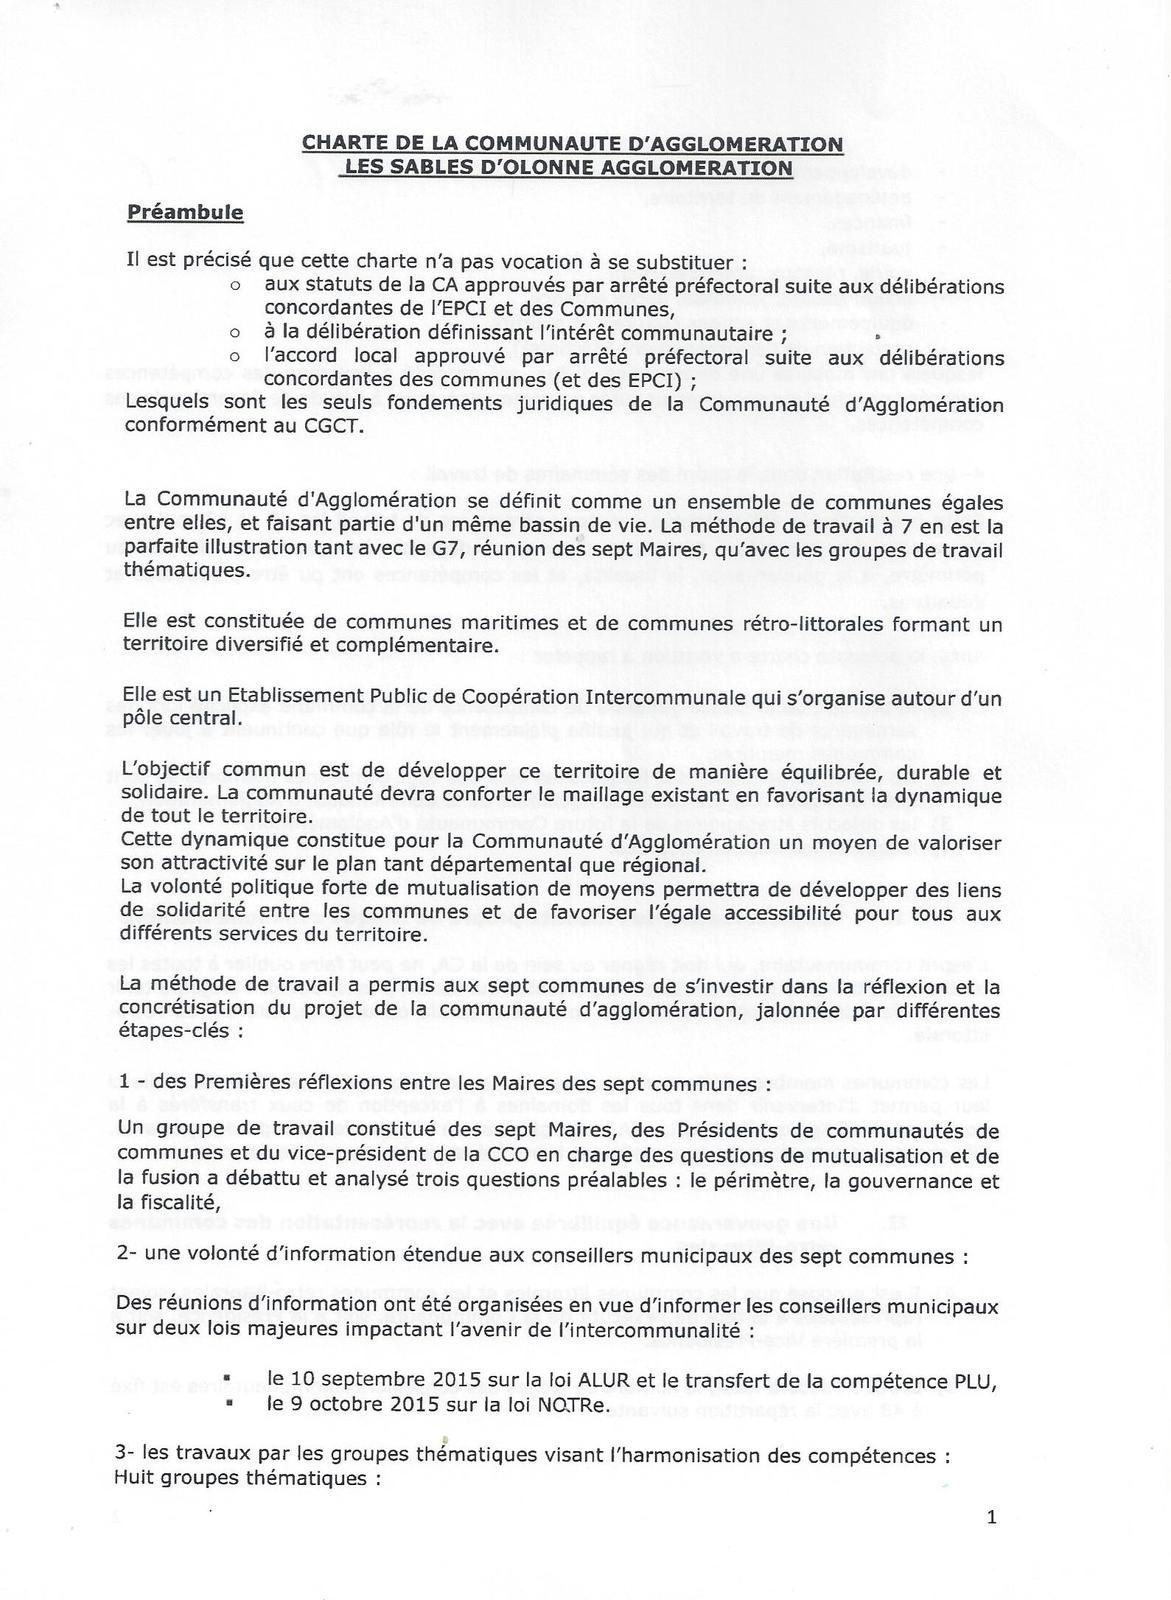 AGGLOMÉRATION LA CHARTE DOCUMENT FONDATEUR DE L' UNION DES 7 COMMUNES